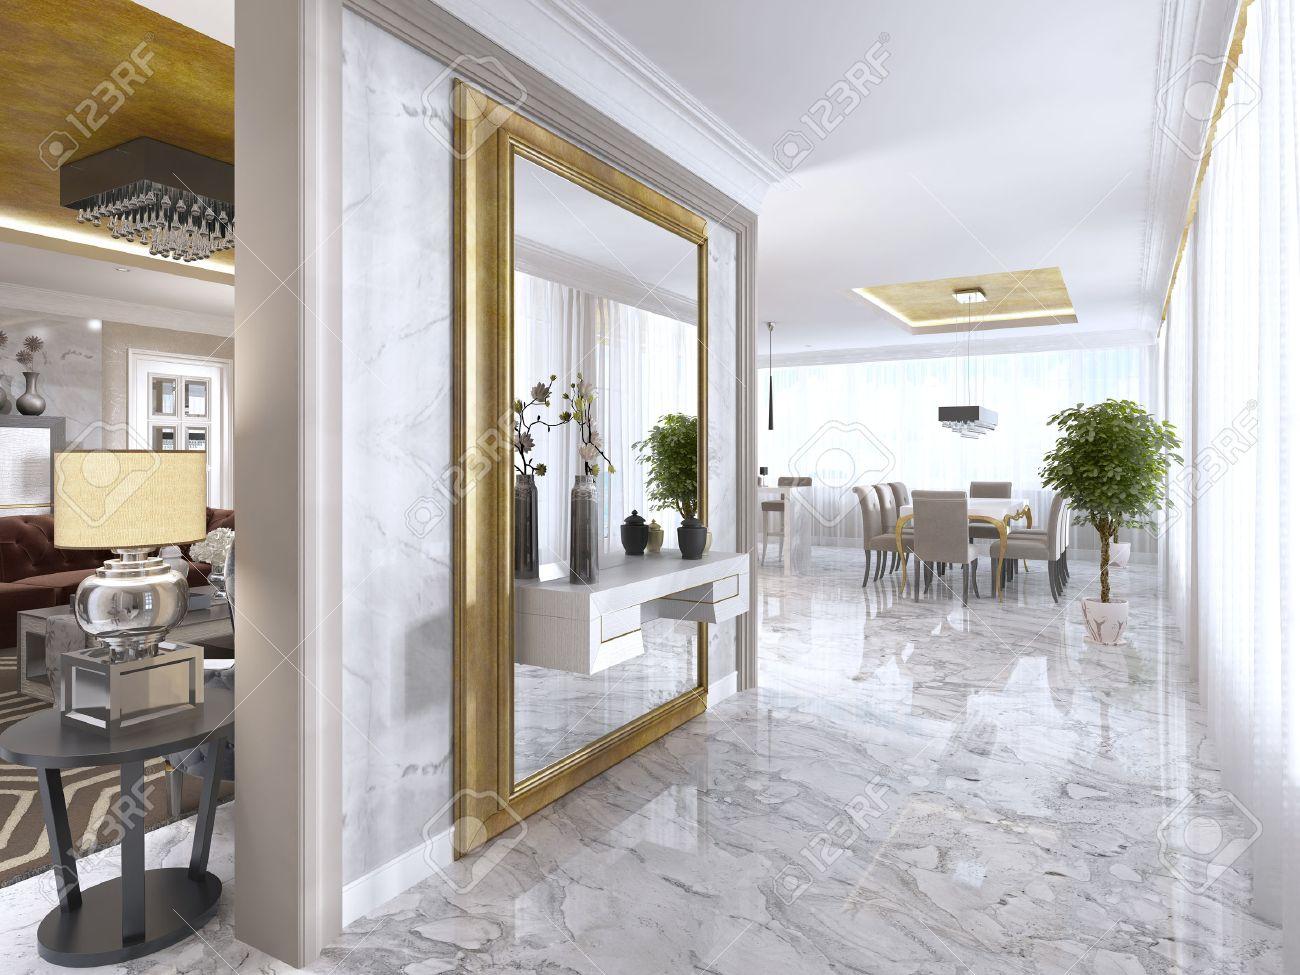 https://previews.123rf.com/images/kuprin28/kuprin281611/kuprin28161100331/66529344-lussuoso-atrio-in-stile-art-d%C3%A9co-con-un-grande-specchio-di-design-in-cornice-d-oro-e-l-arredamen.jpg